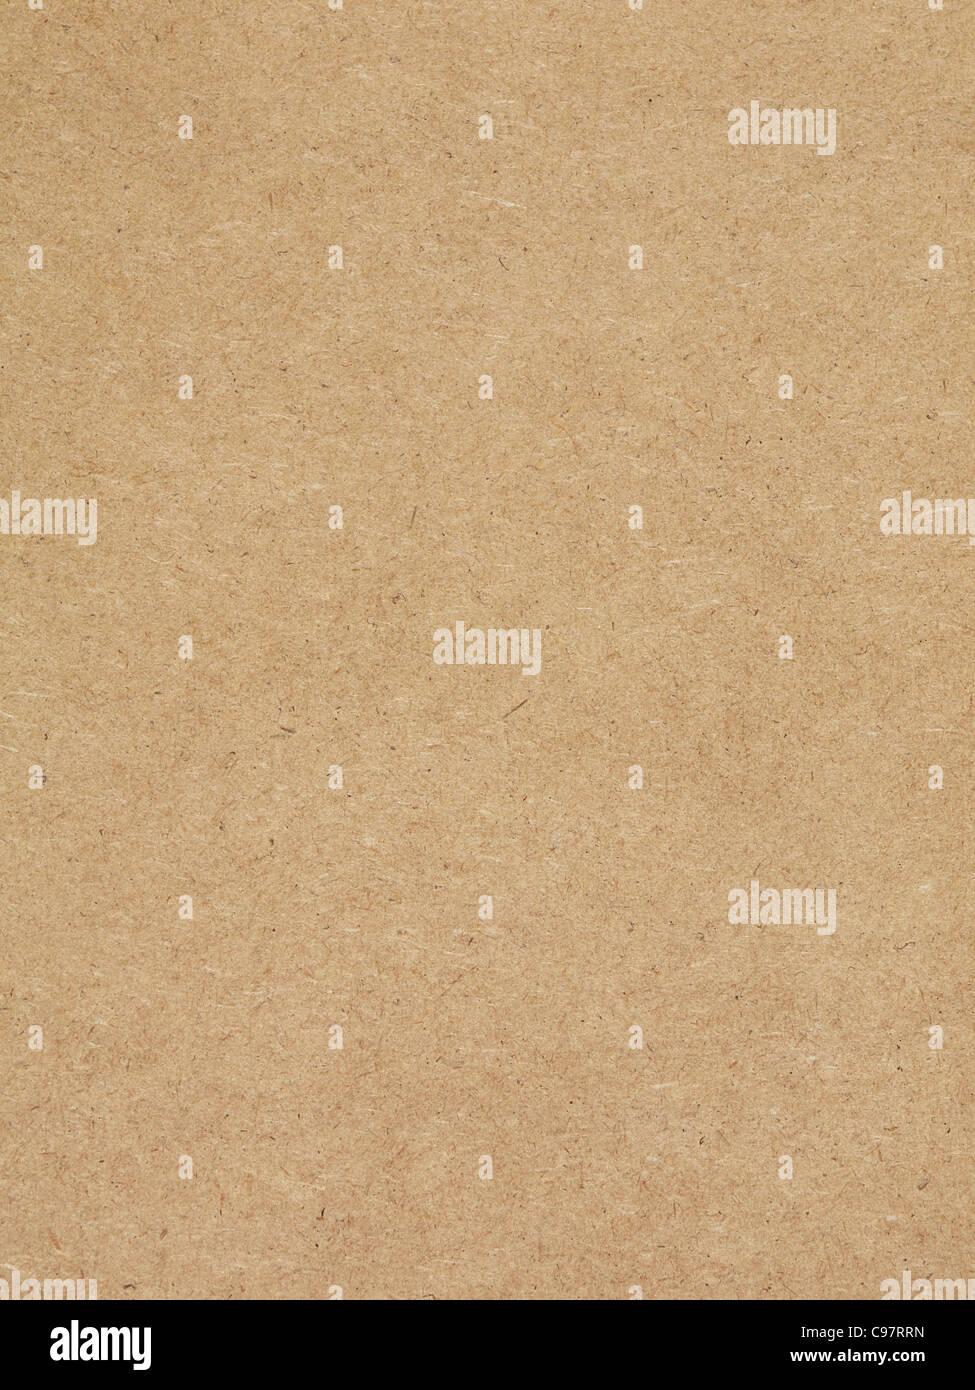 Spanplatten-Hintergrund Stockbild